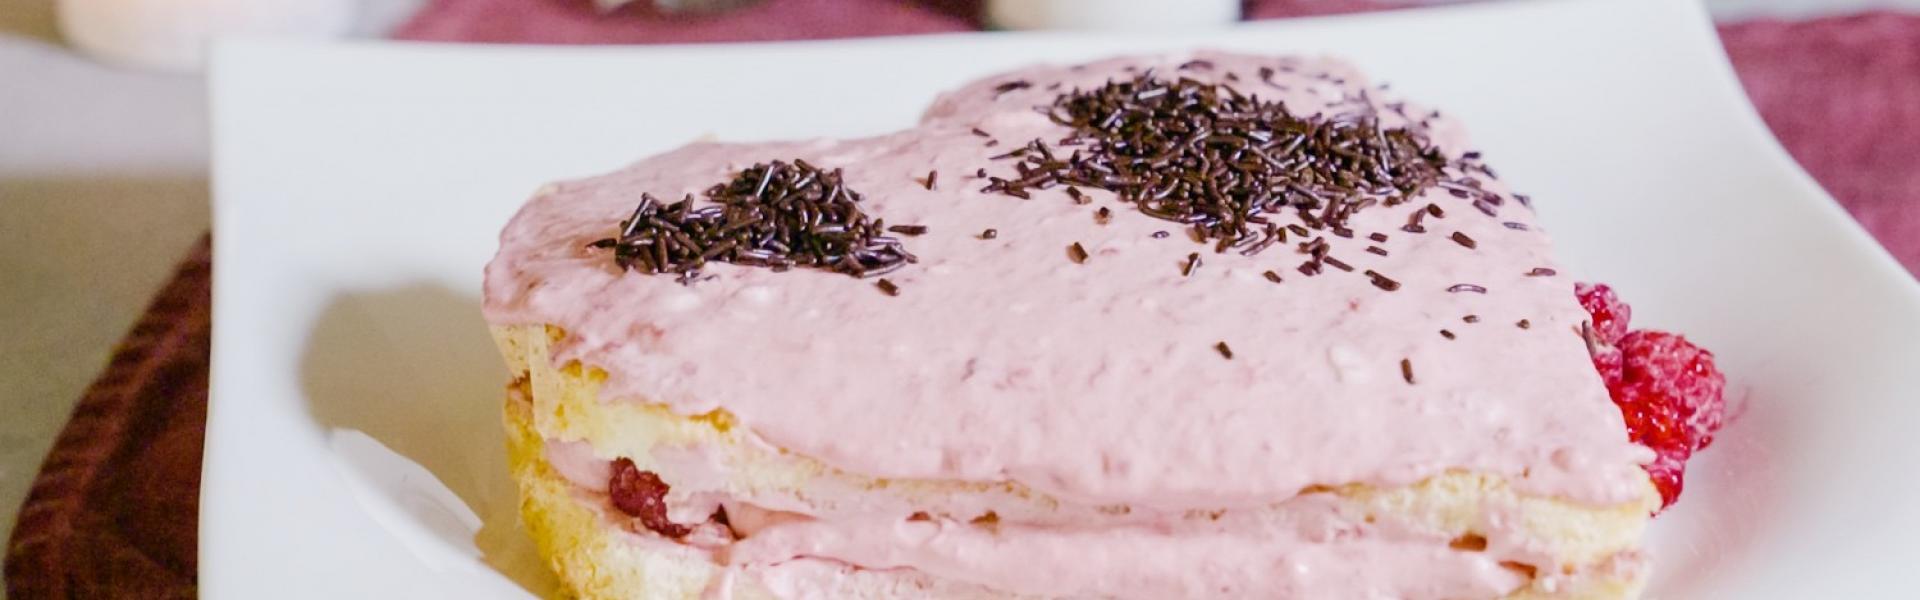 Kuchen Herzform für Valentinstag | Rezepte von Simply Yummy